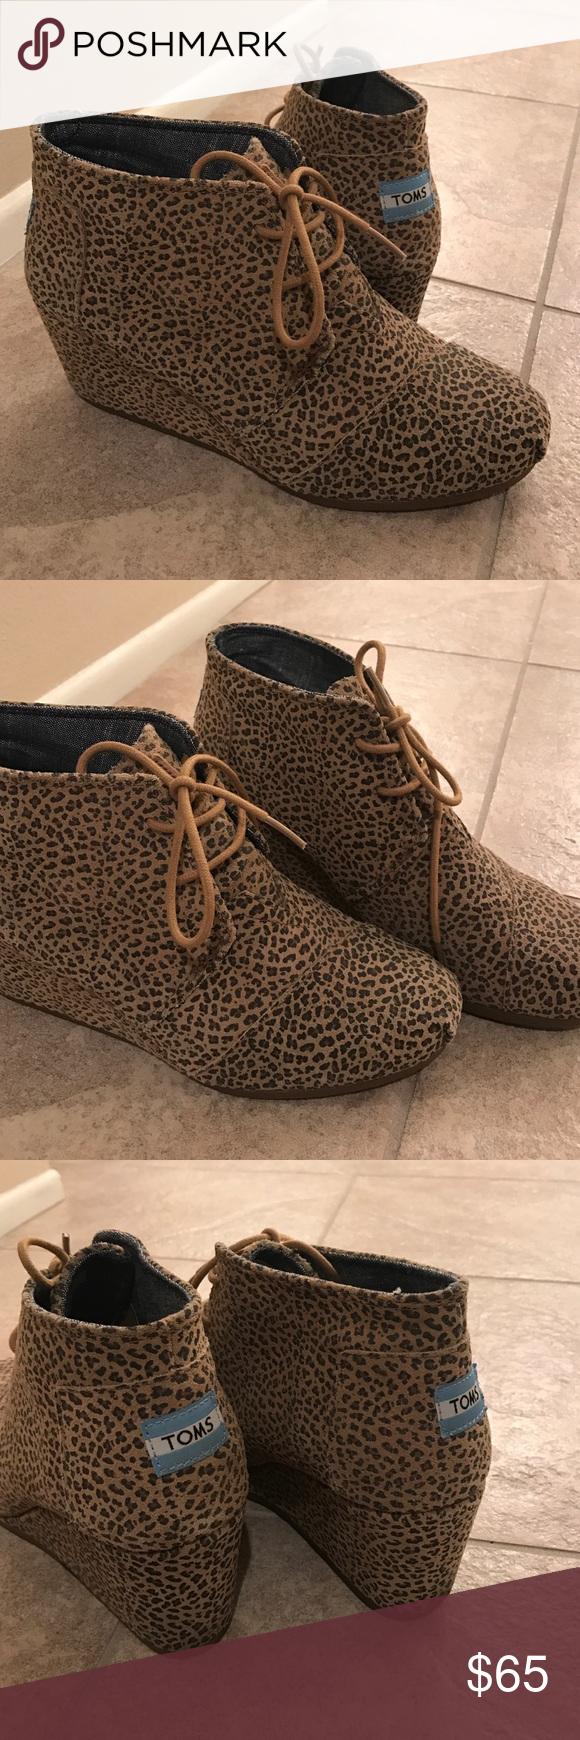 toms leopard wedge booties